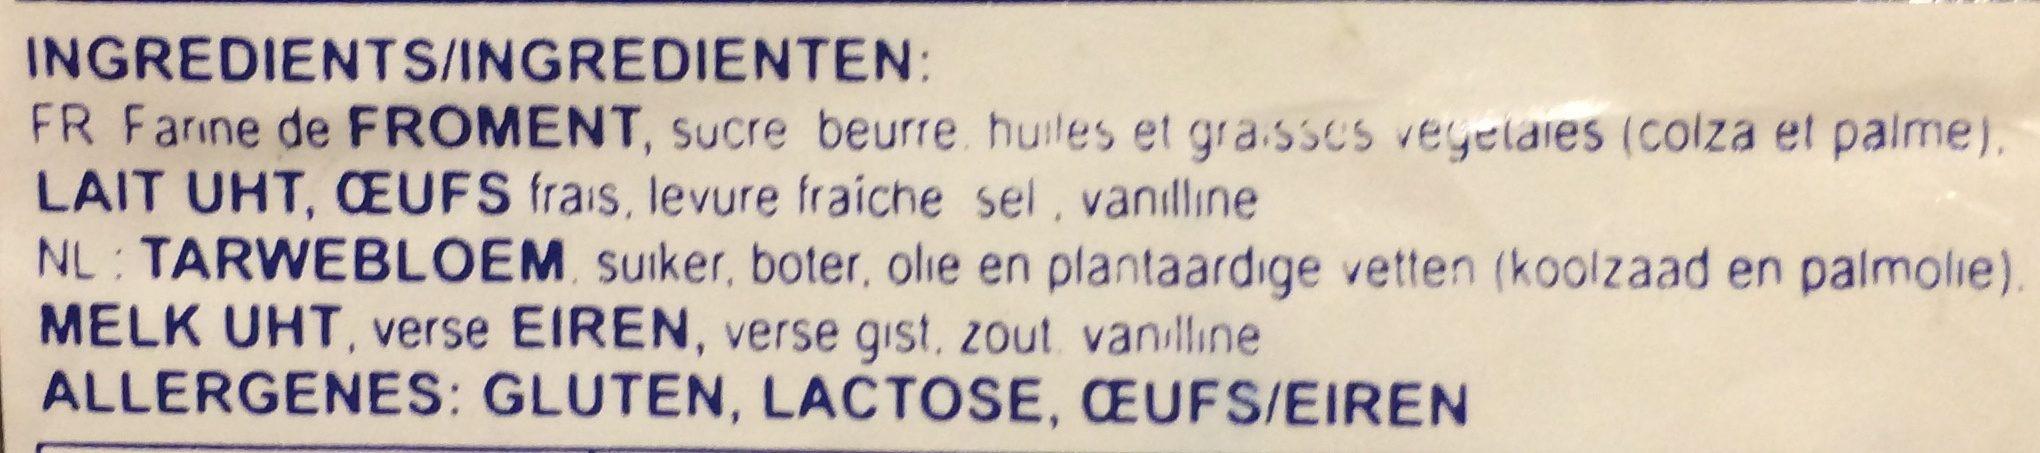 Gaufres au sucre - Ingrédients - fr